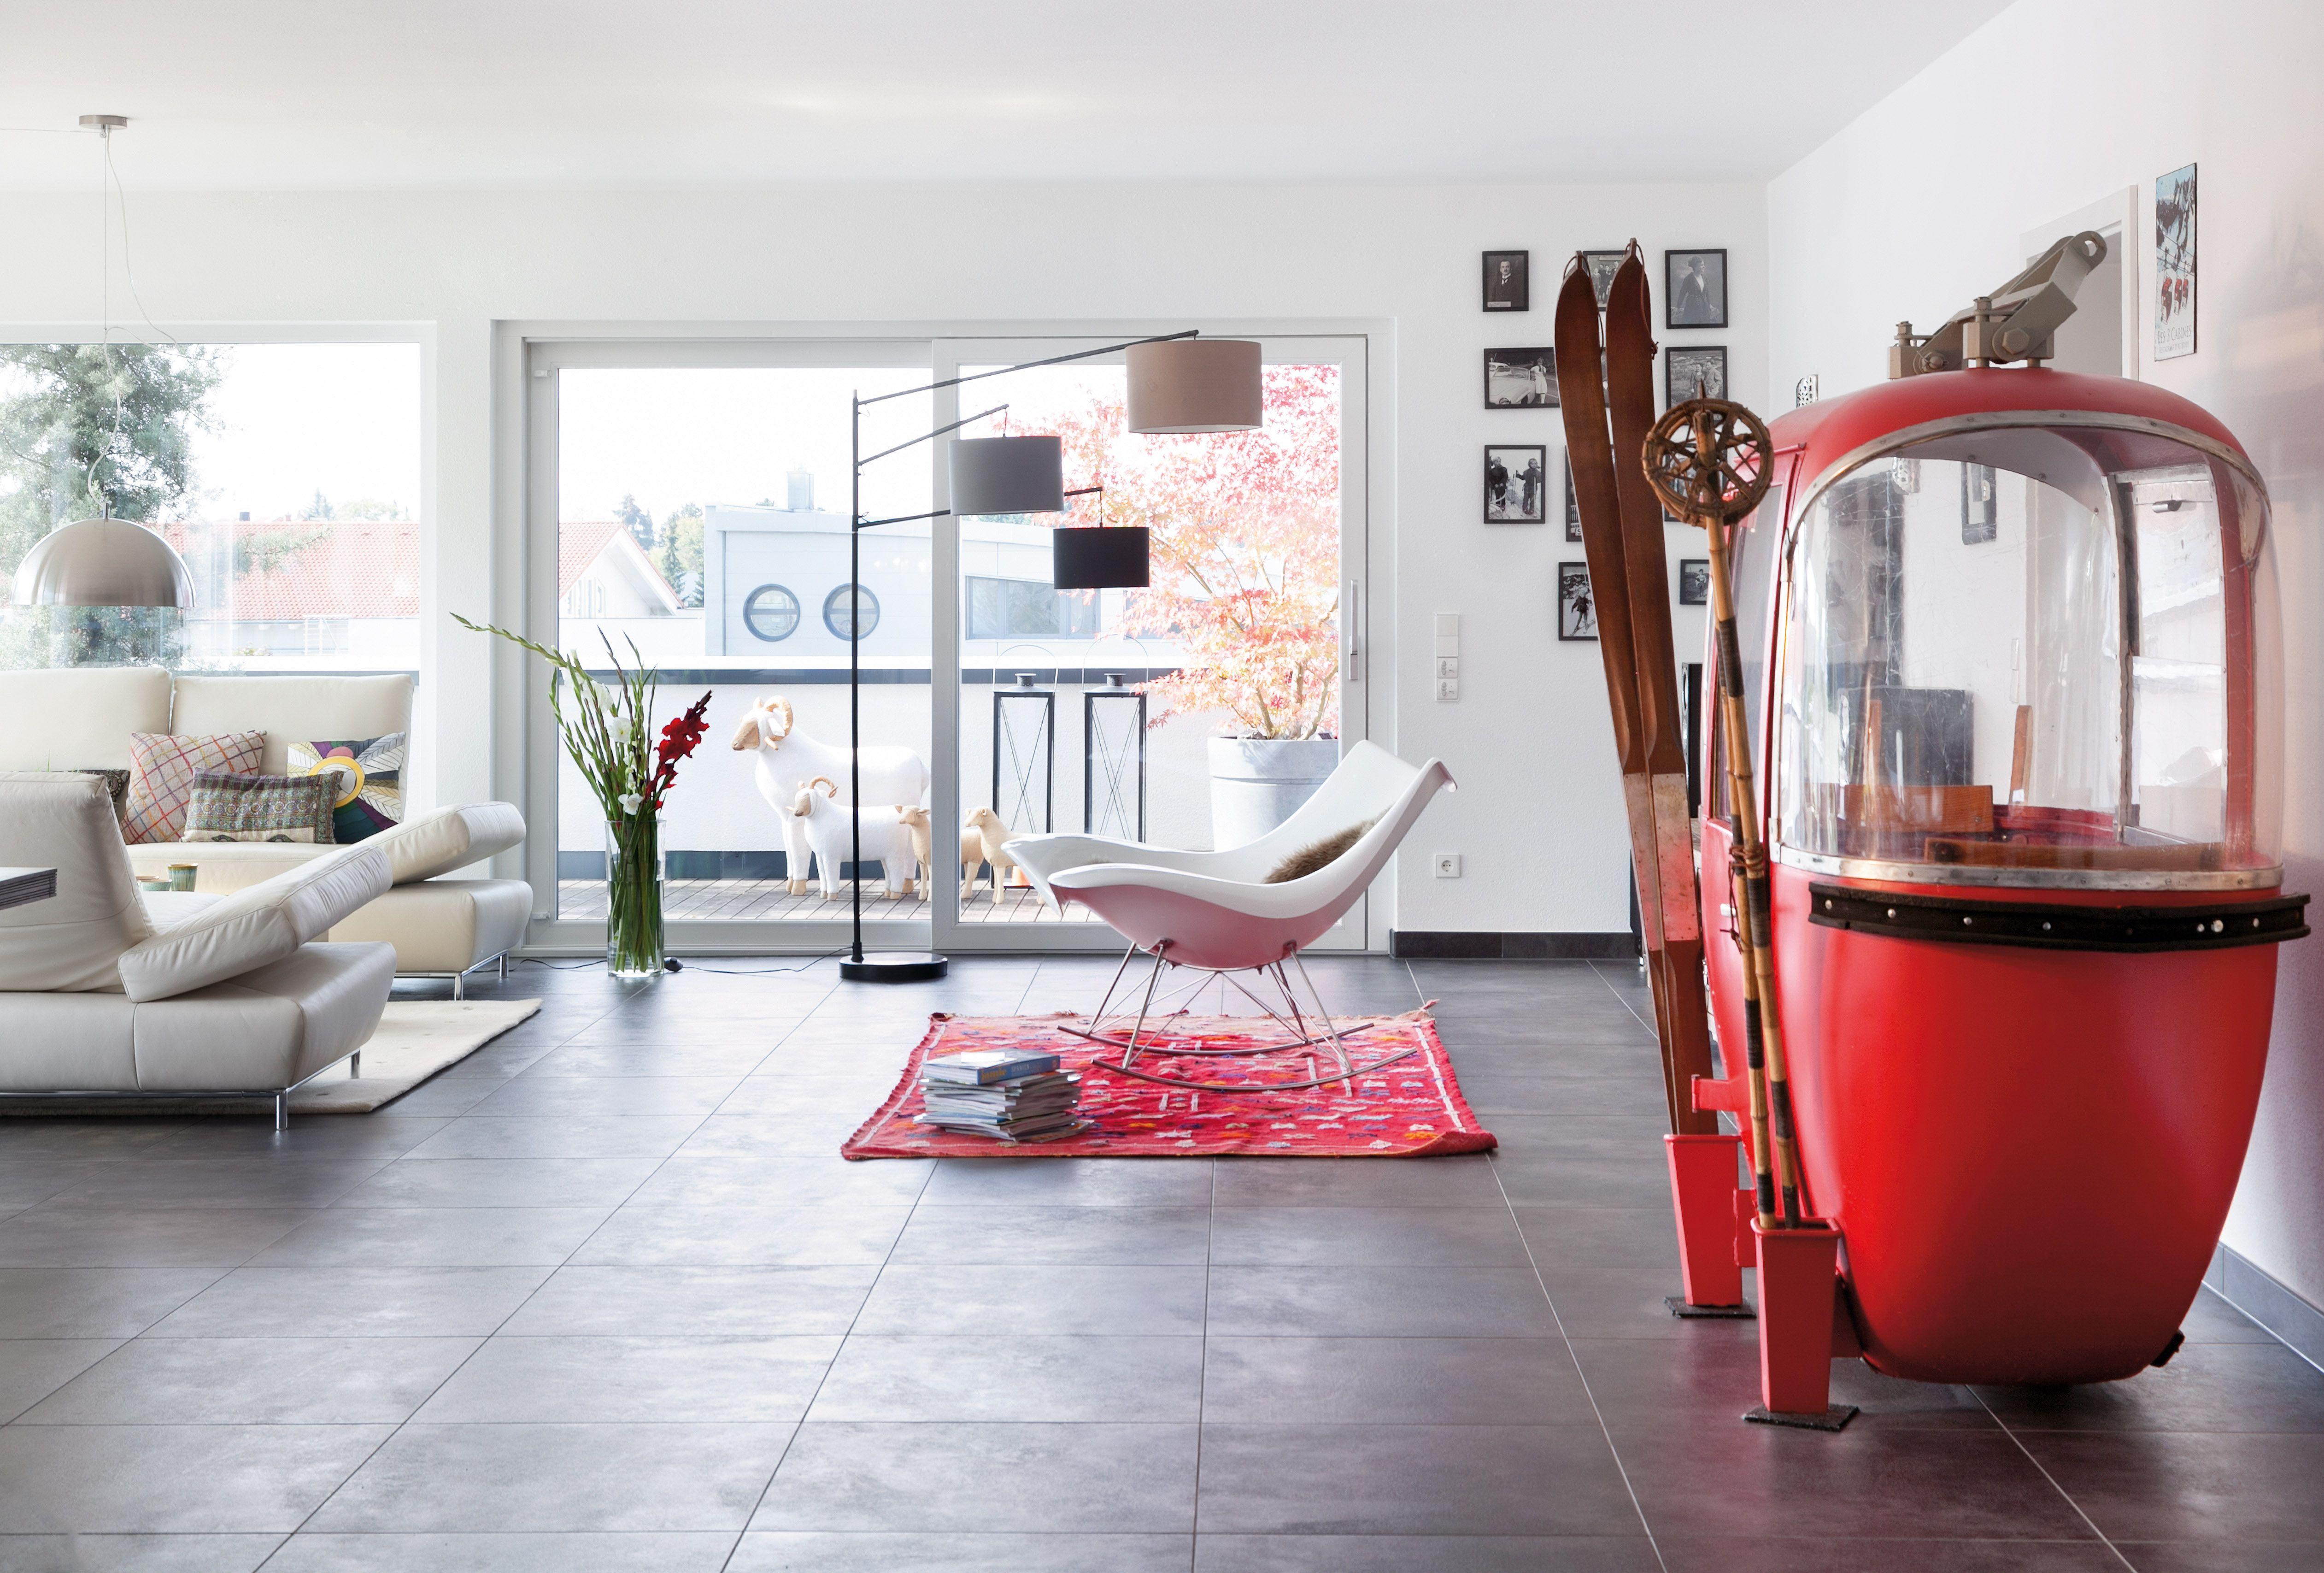 Interessantes Wohnzimmer mit Gondel als Dekoelement